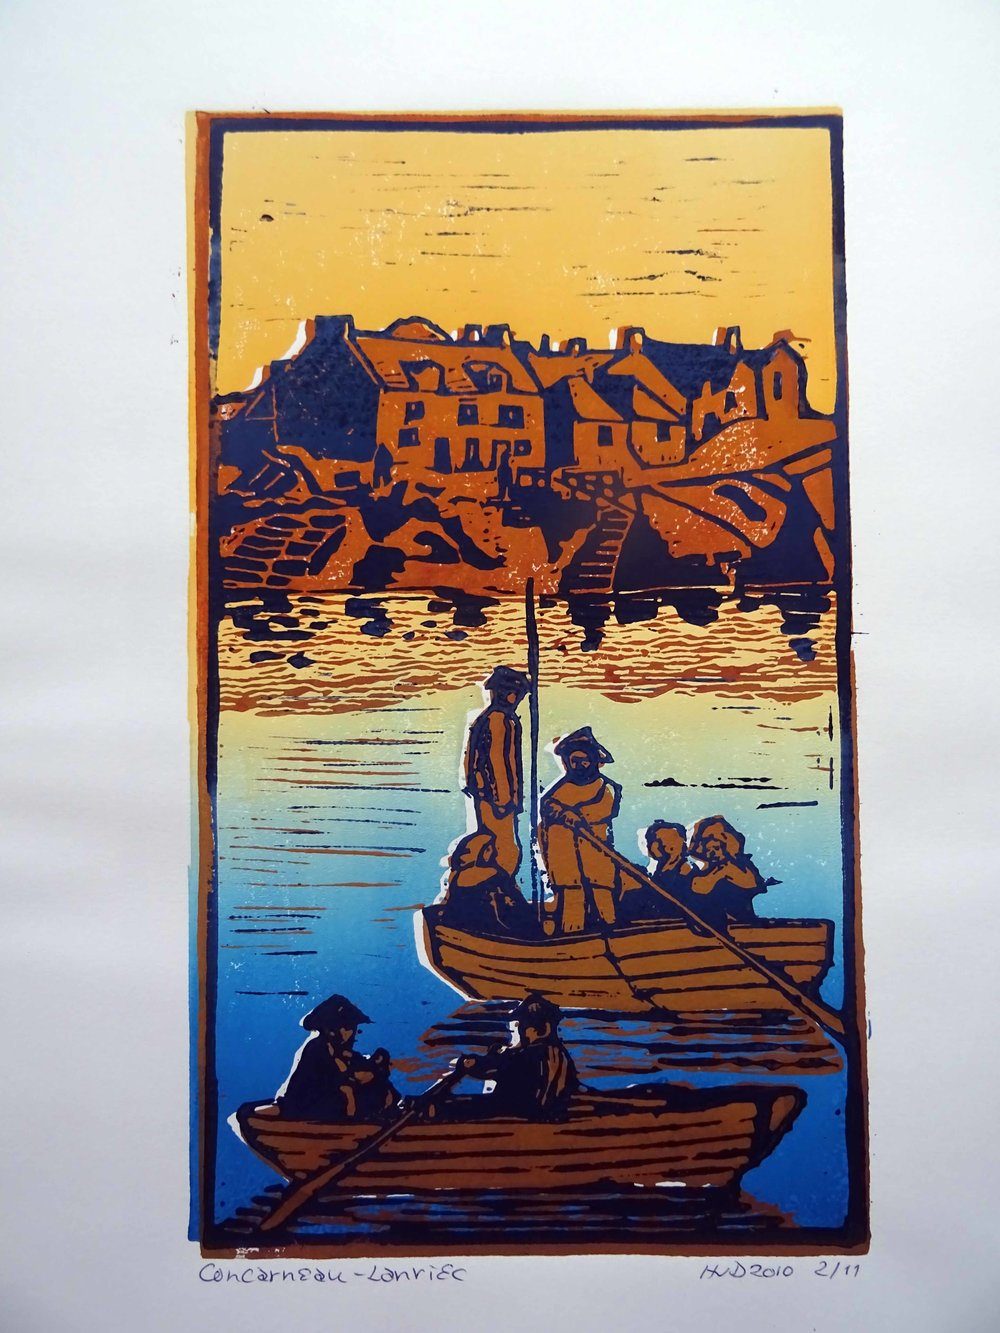 70 - Lanriec, 3-plate lino 26,5x15,5 cm, 60 €